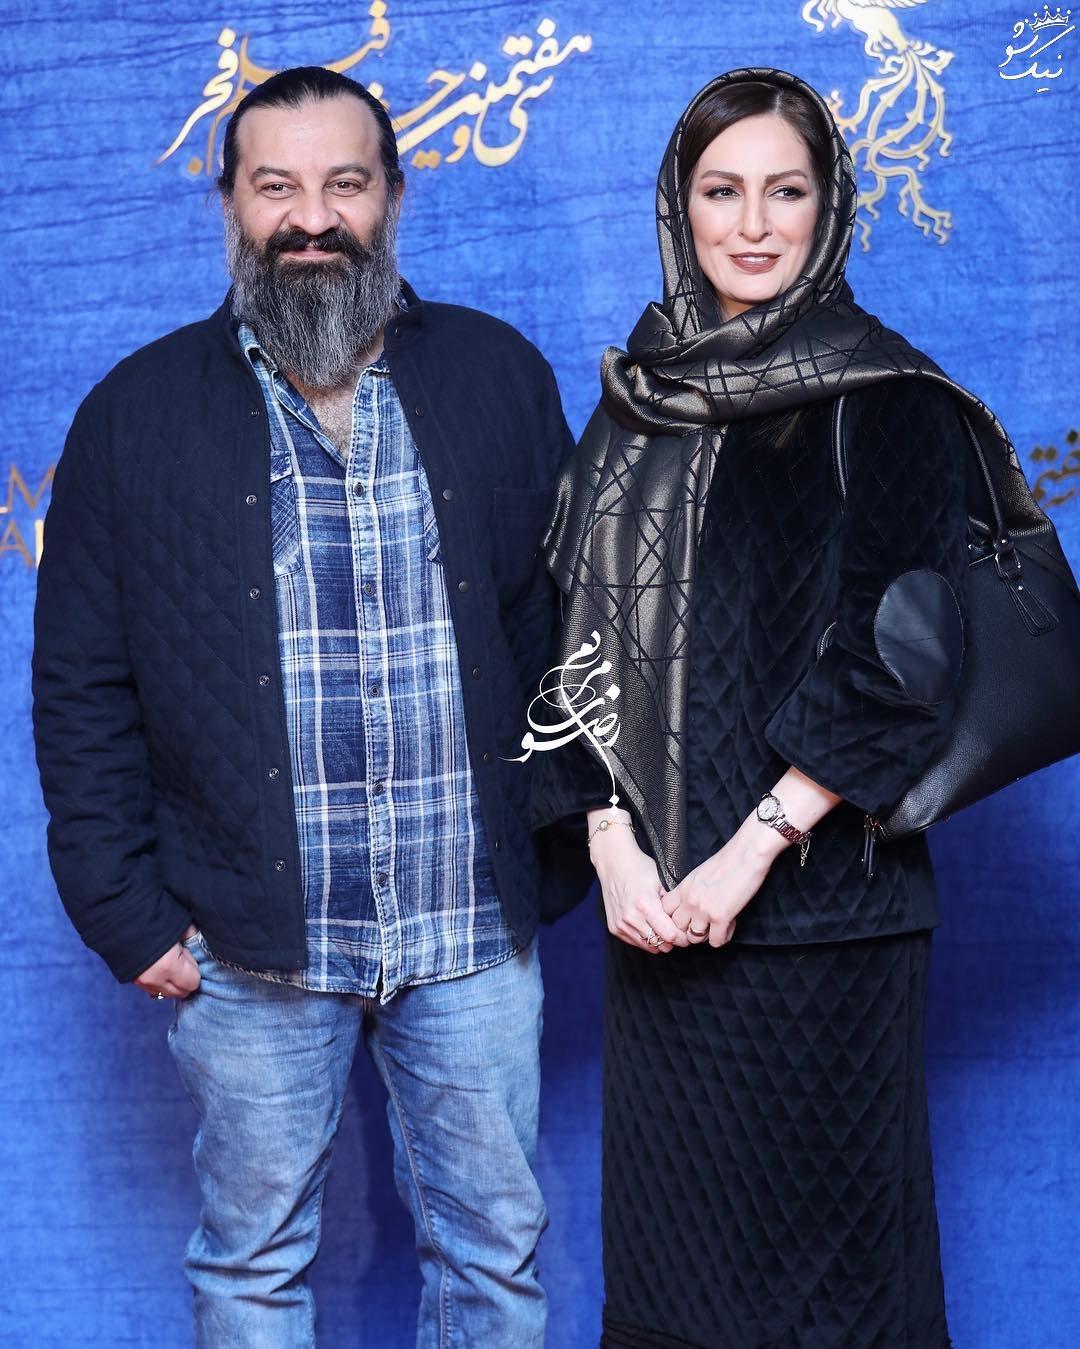 بهترین ستاره های زن و مرد در جشنواره فجر 37